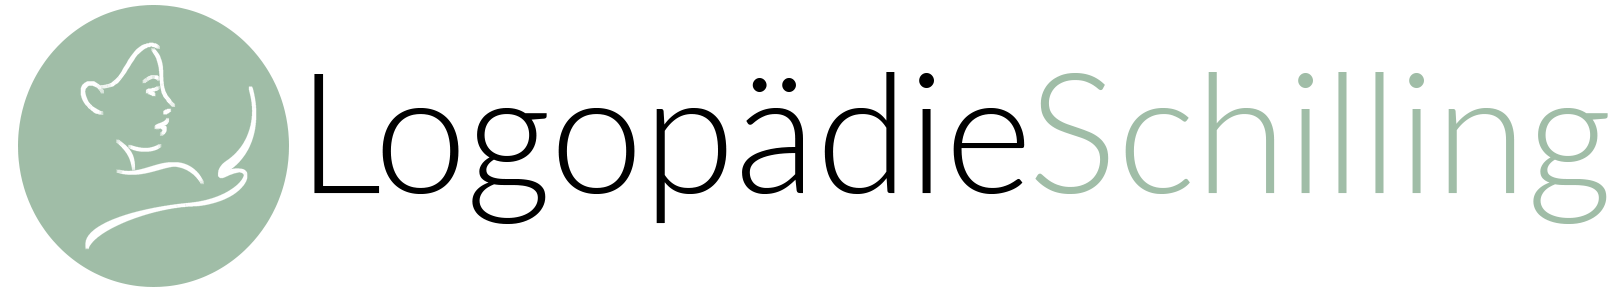 logo_verbessert